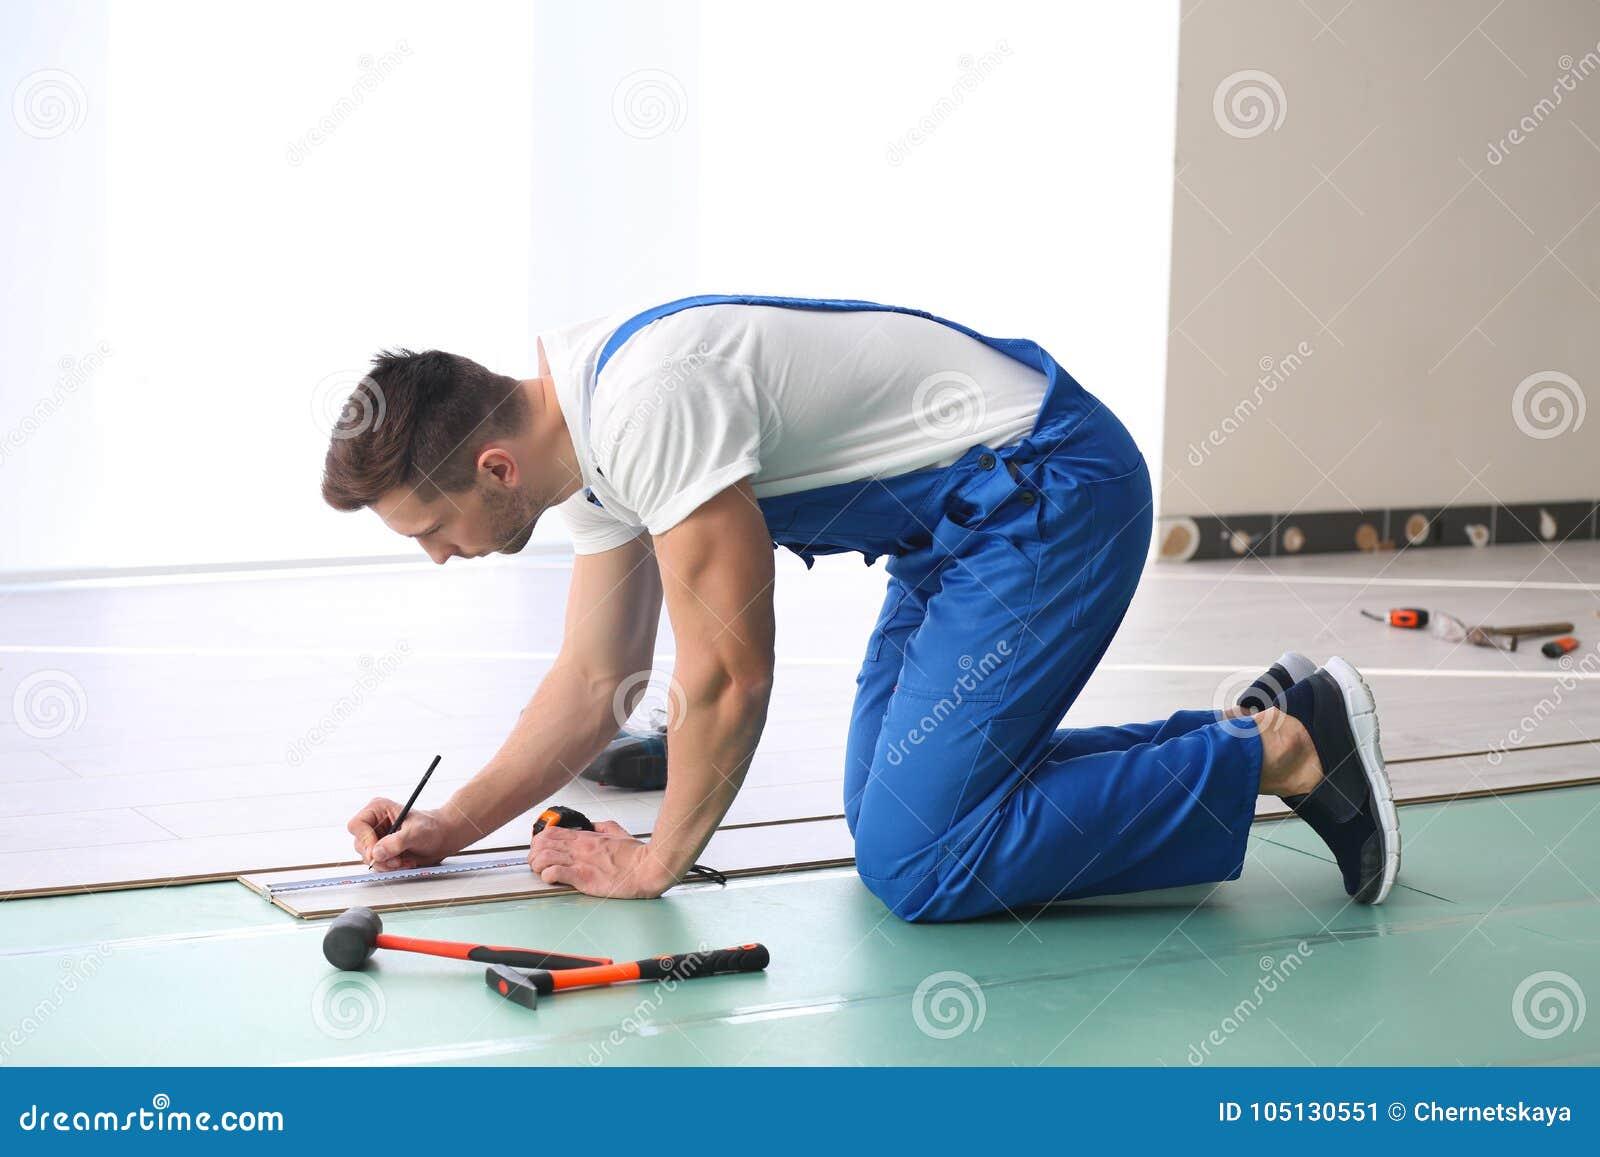 安装地板的男性工作者